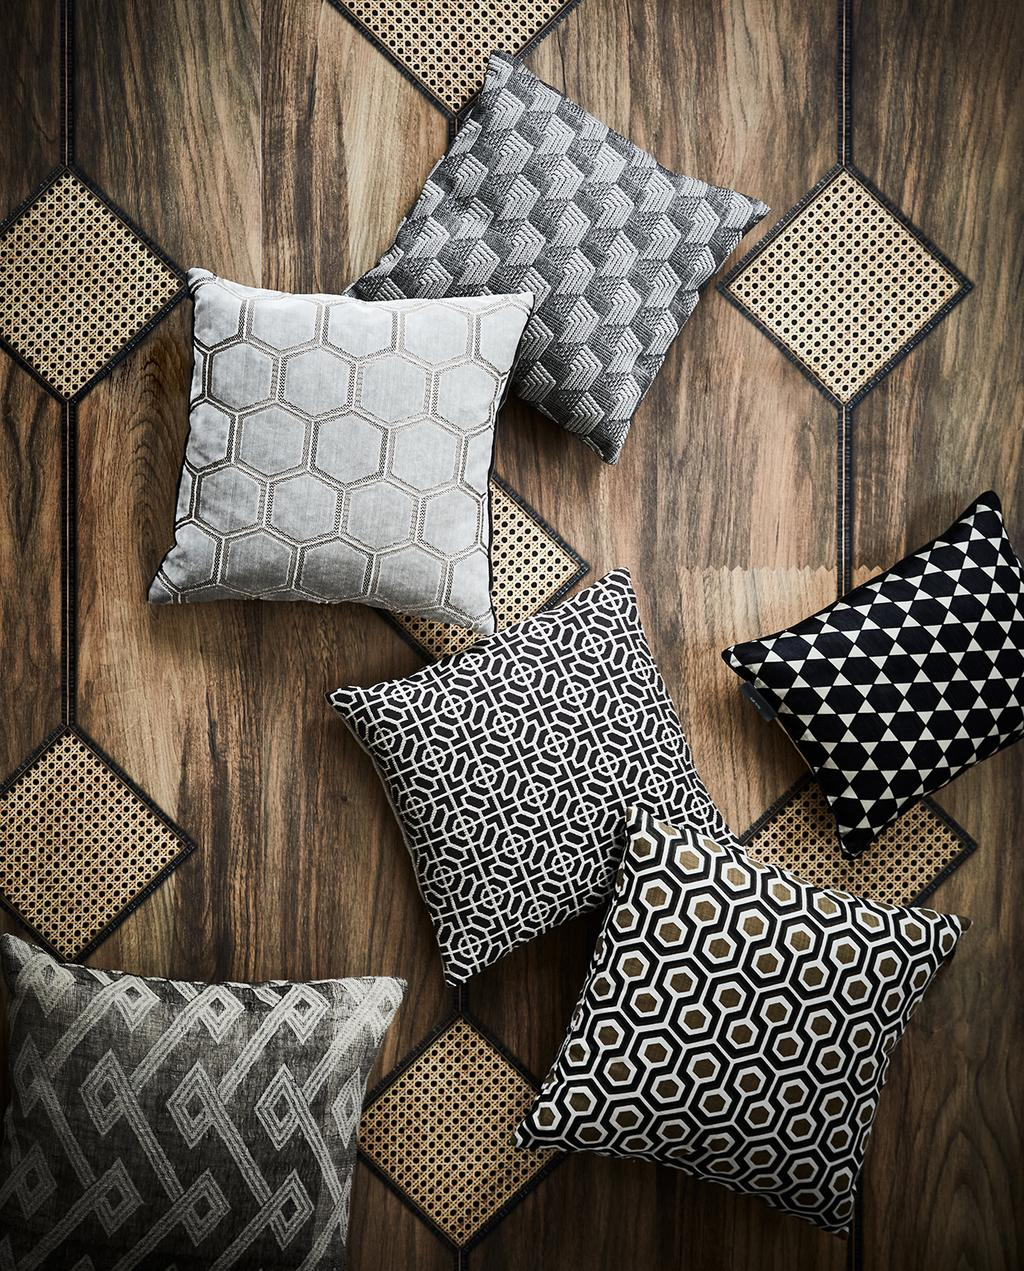 vtwonen 03-2020 stof verf & behang | kussens met verschillende patronen en rotan krukjes